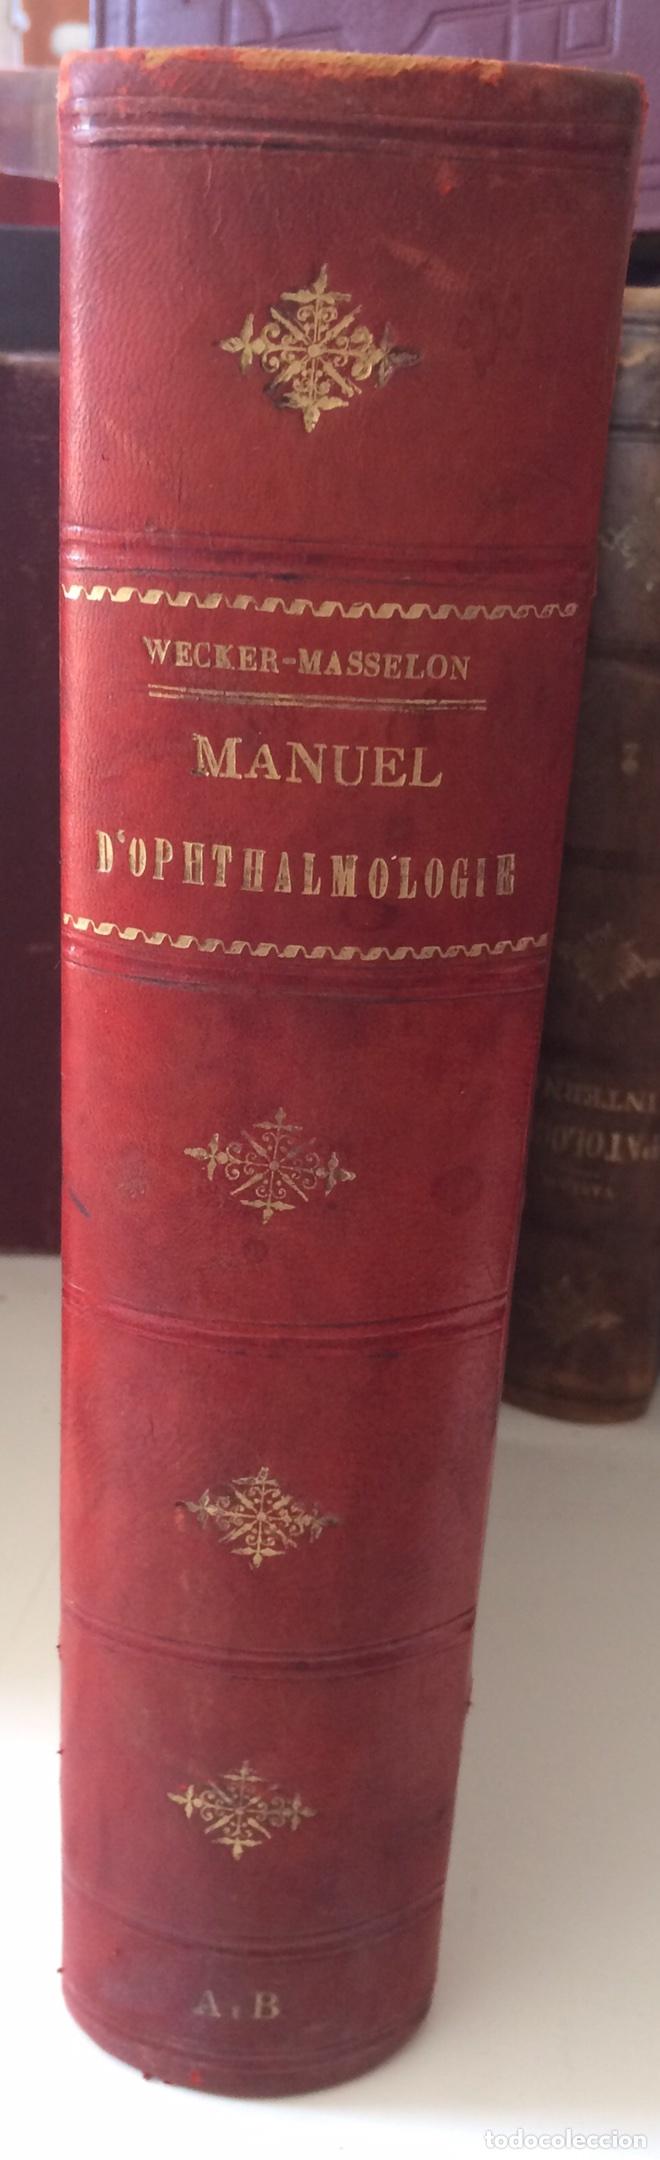 MANUEL.D'OPHTHAOLOGIE.WECWER ET MASSELON (1889) (Libros Antiguos, Raros y Curiosos - Ciencias, Manuales y Oficios - Medicina, Farmacia y Salud)